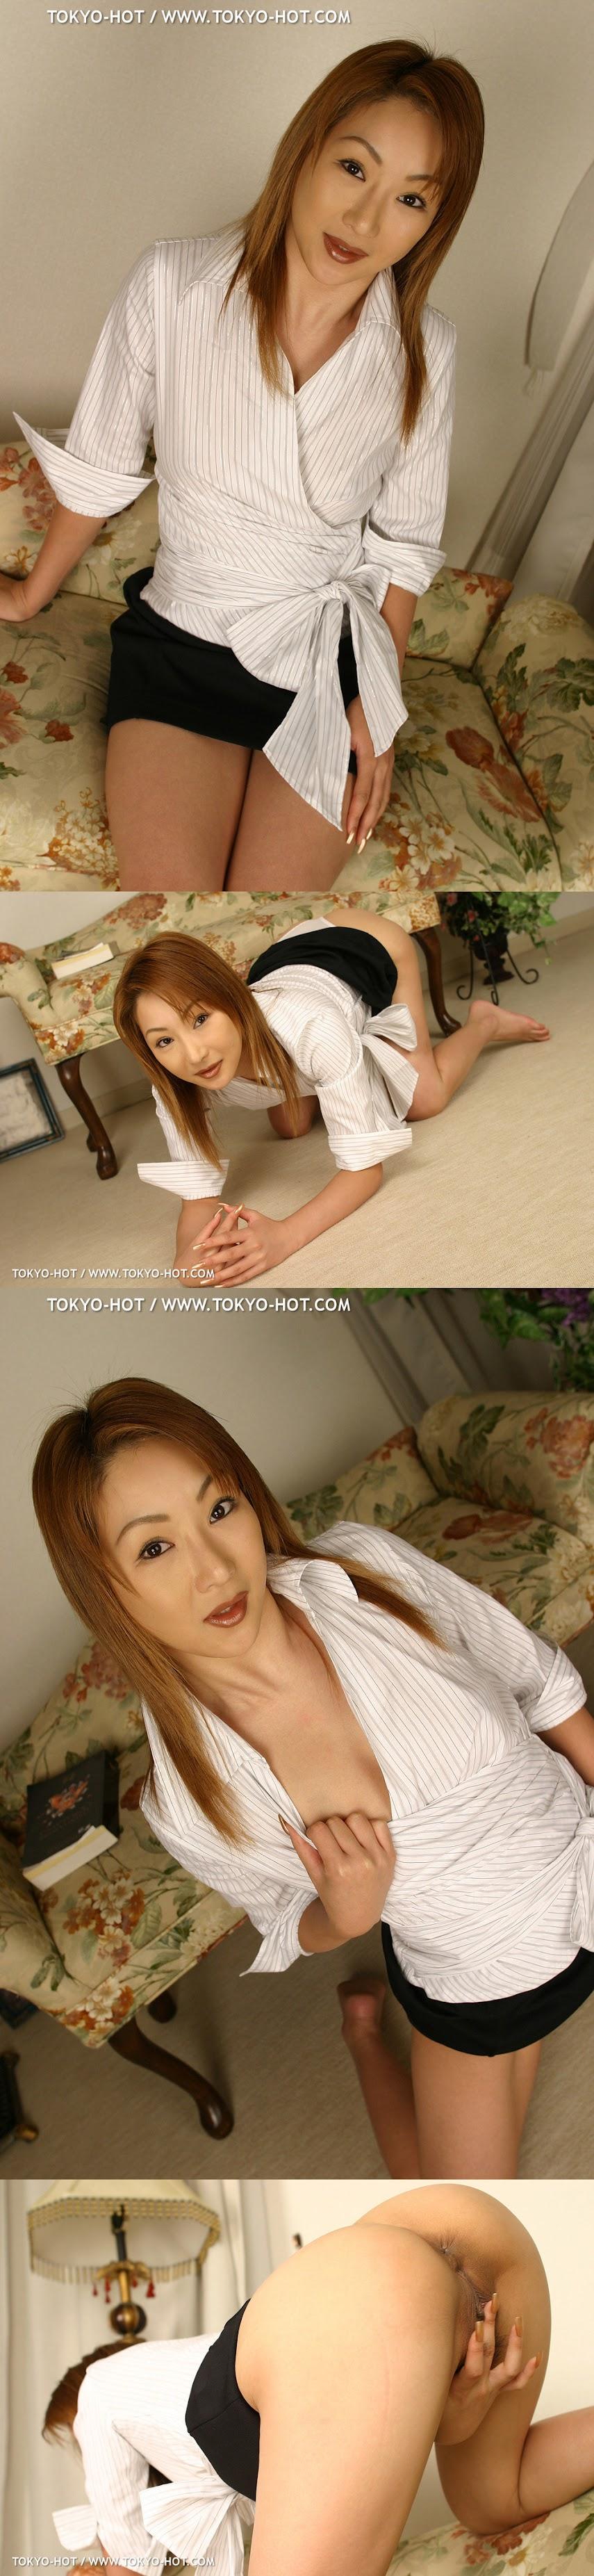 Tokyo-Hot e016 rei kanzaki 003